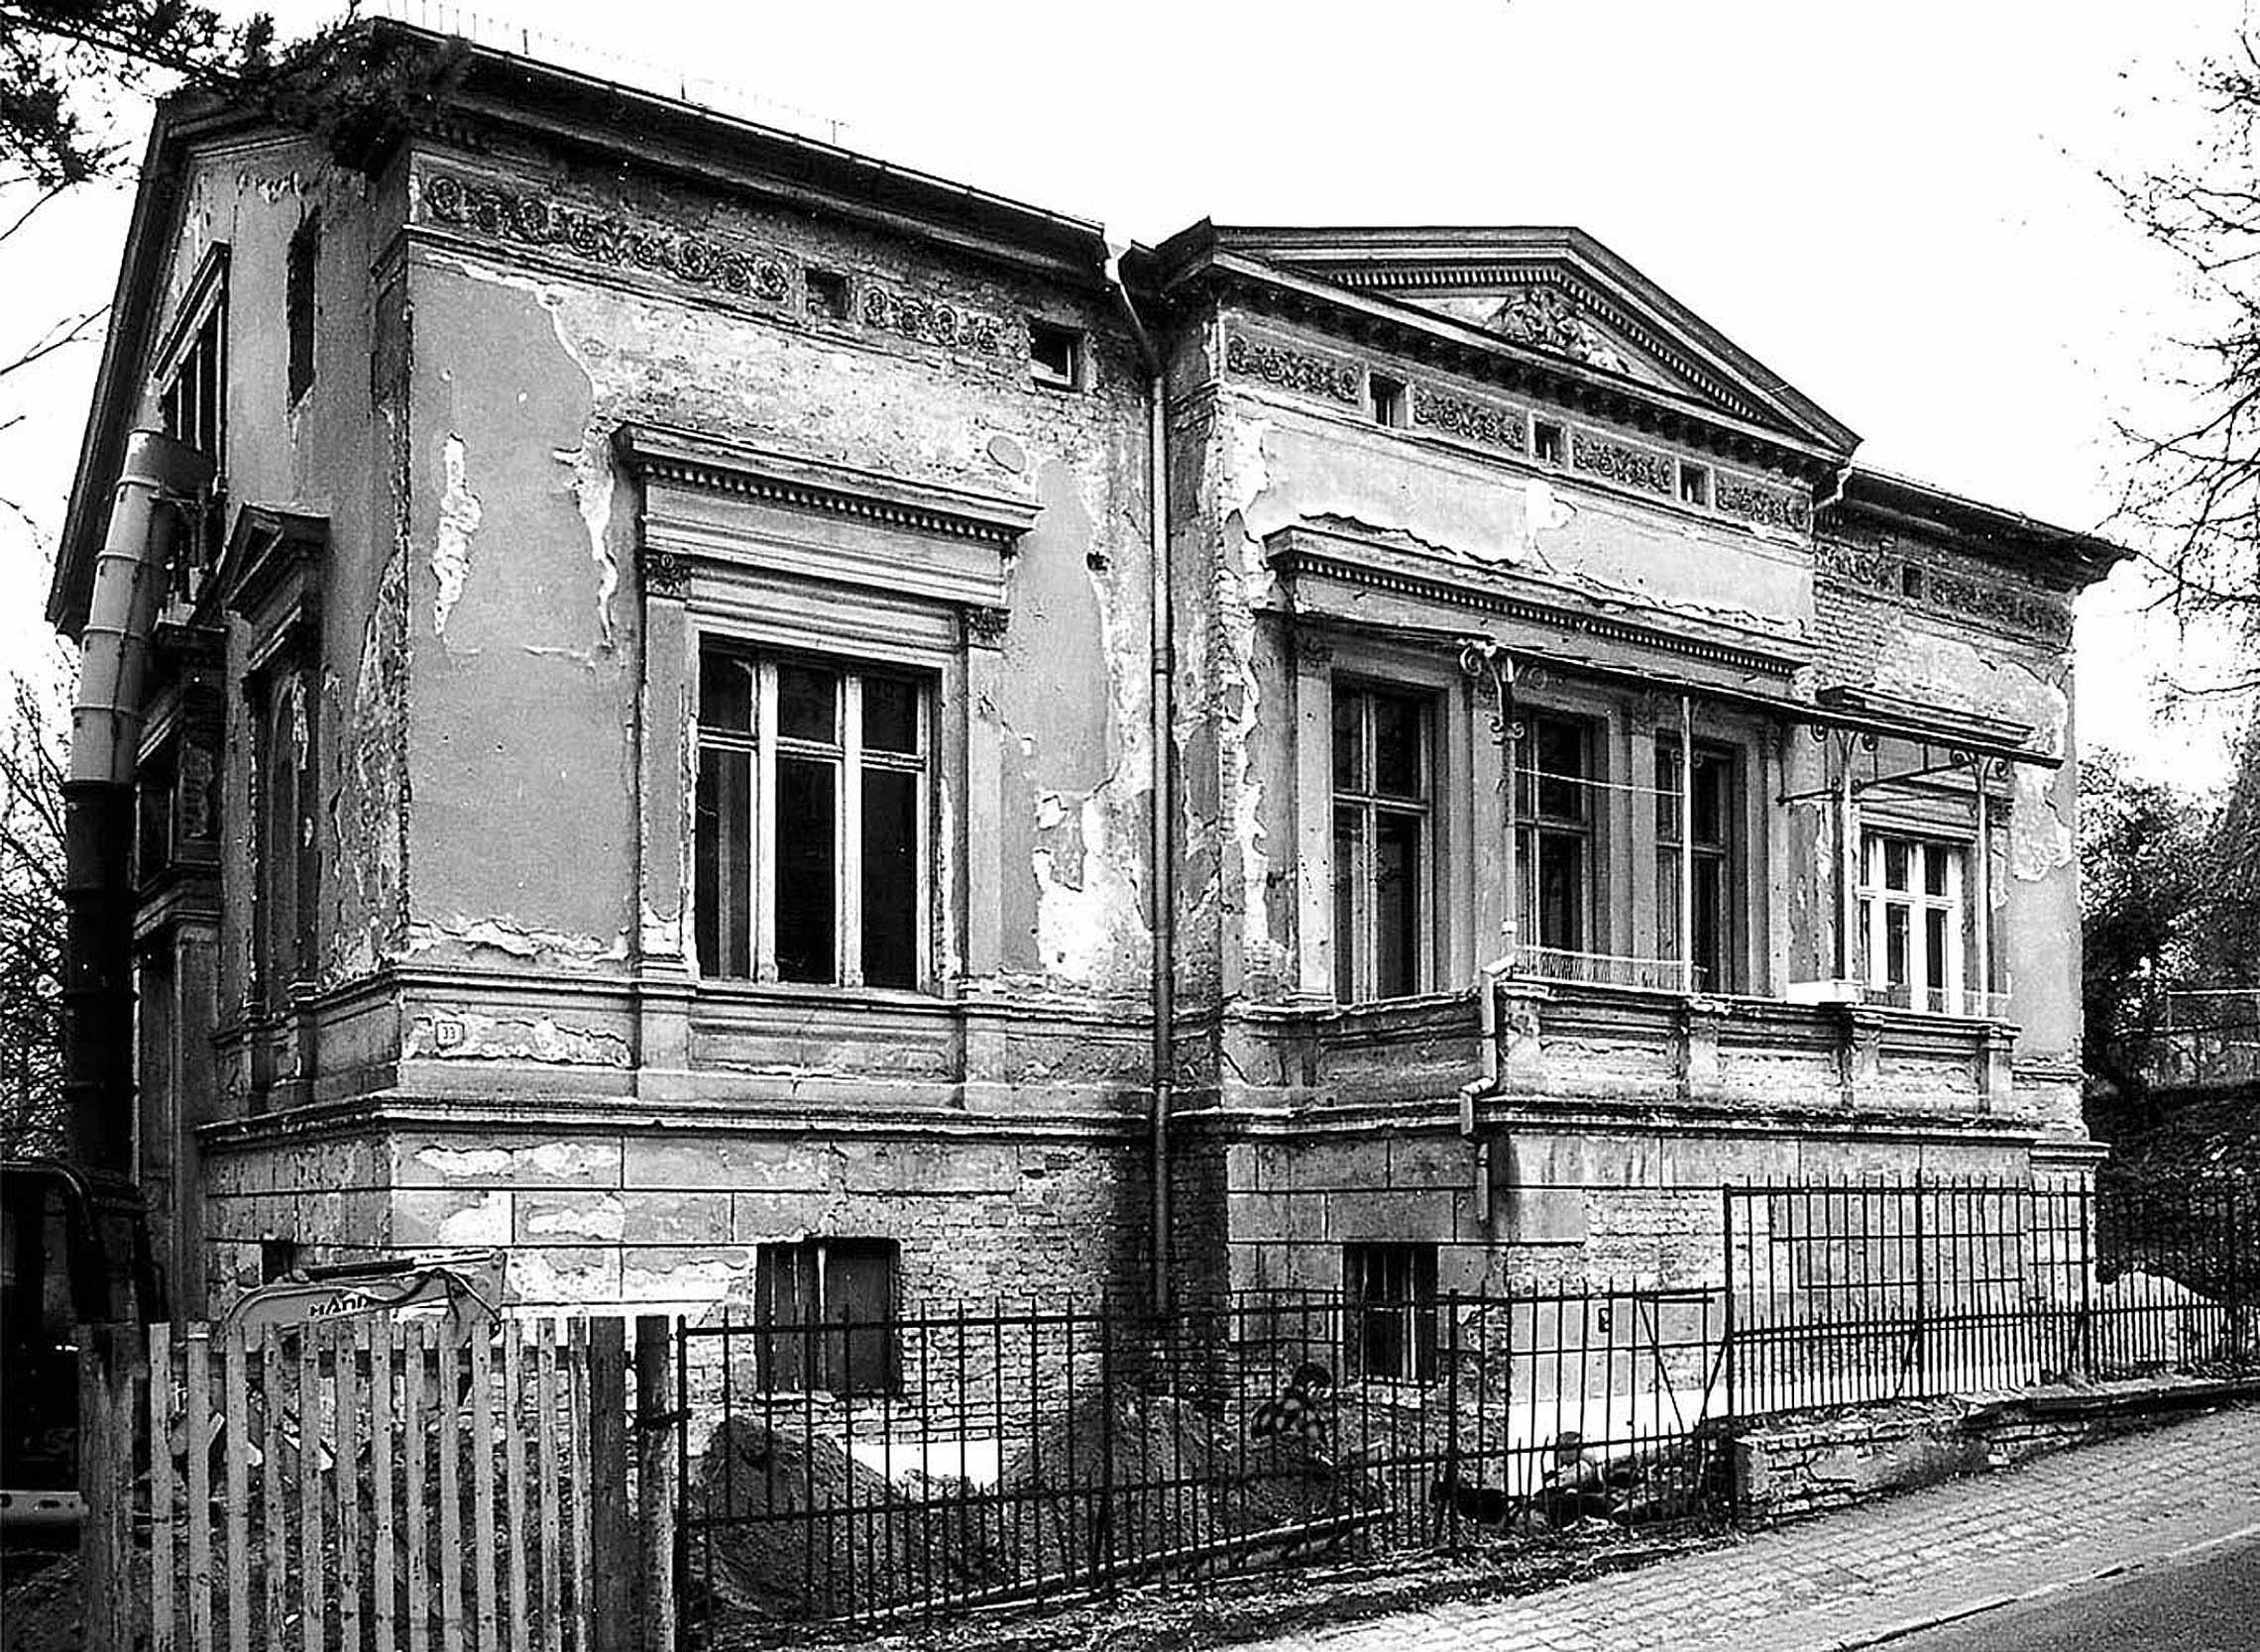 Der desolate Zustand der Villa vor der Sanierung